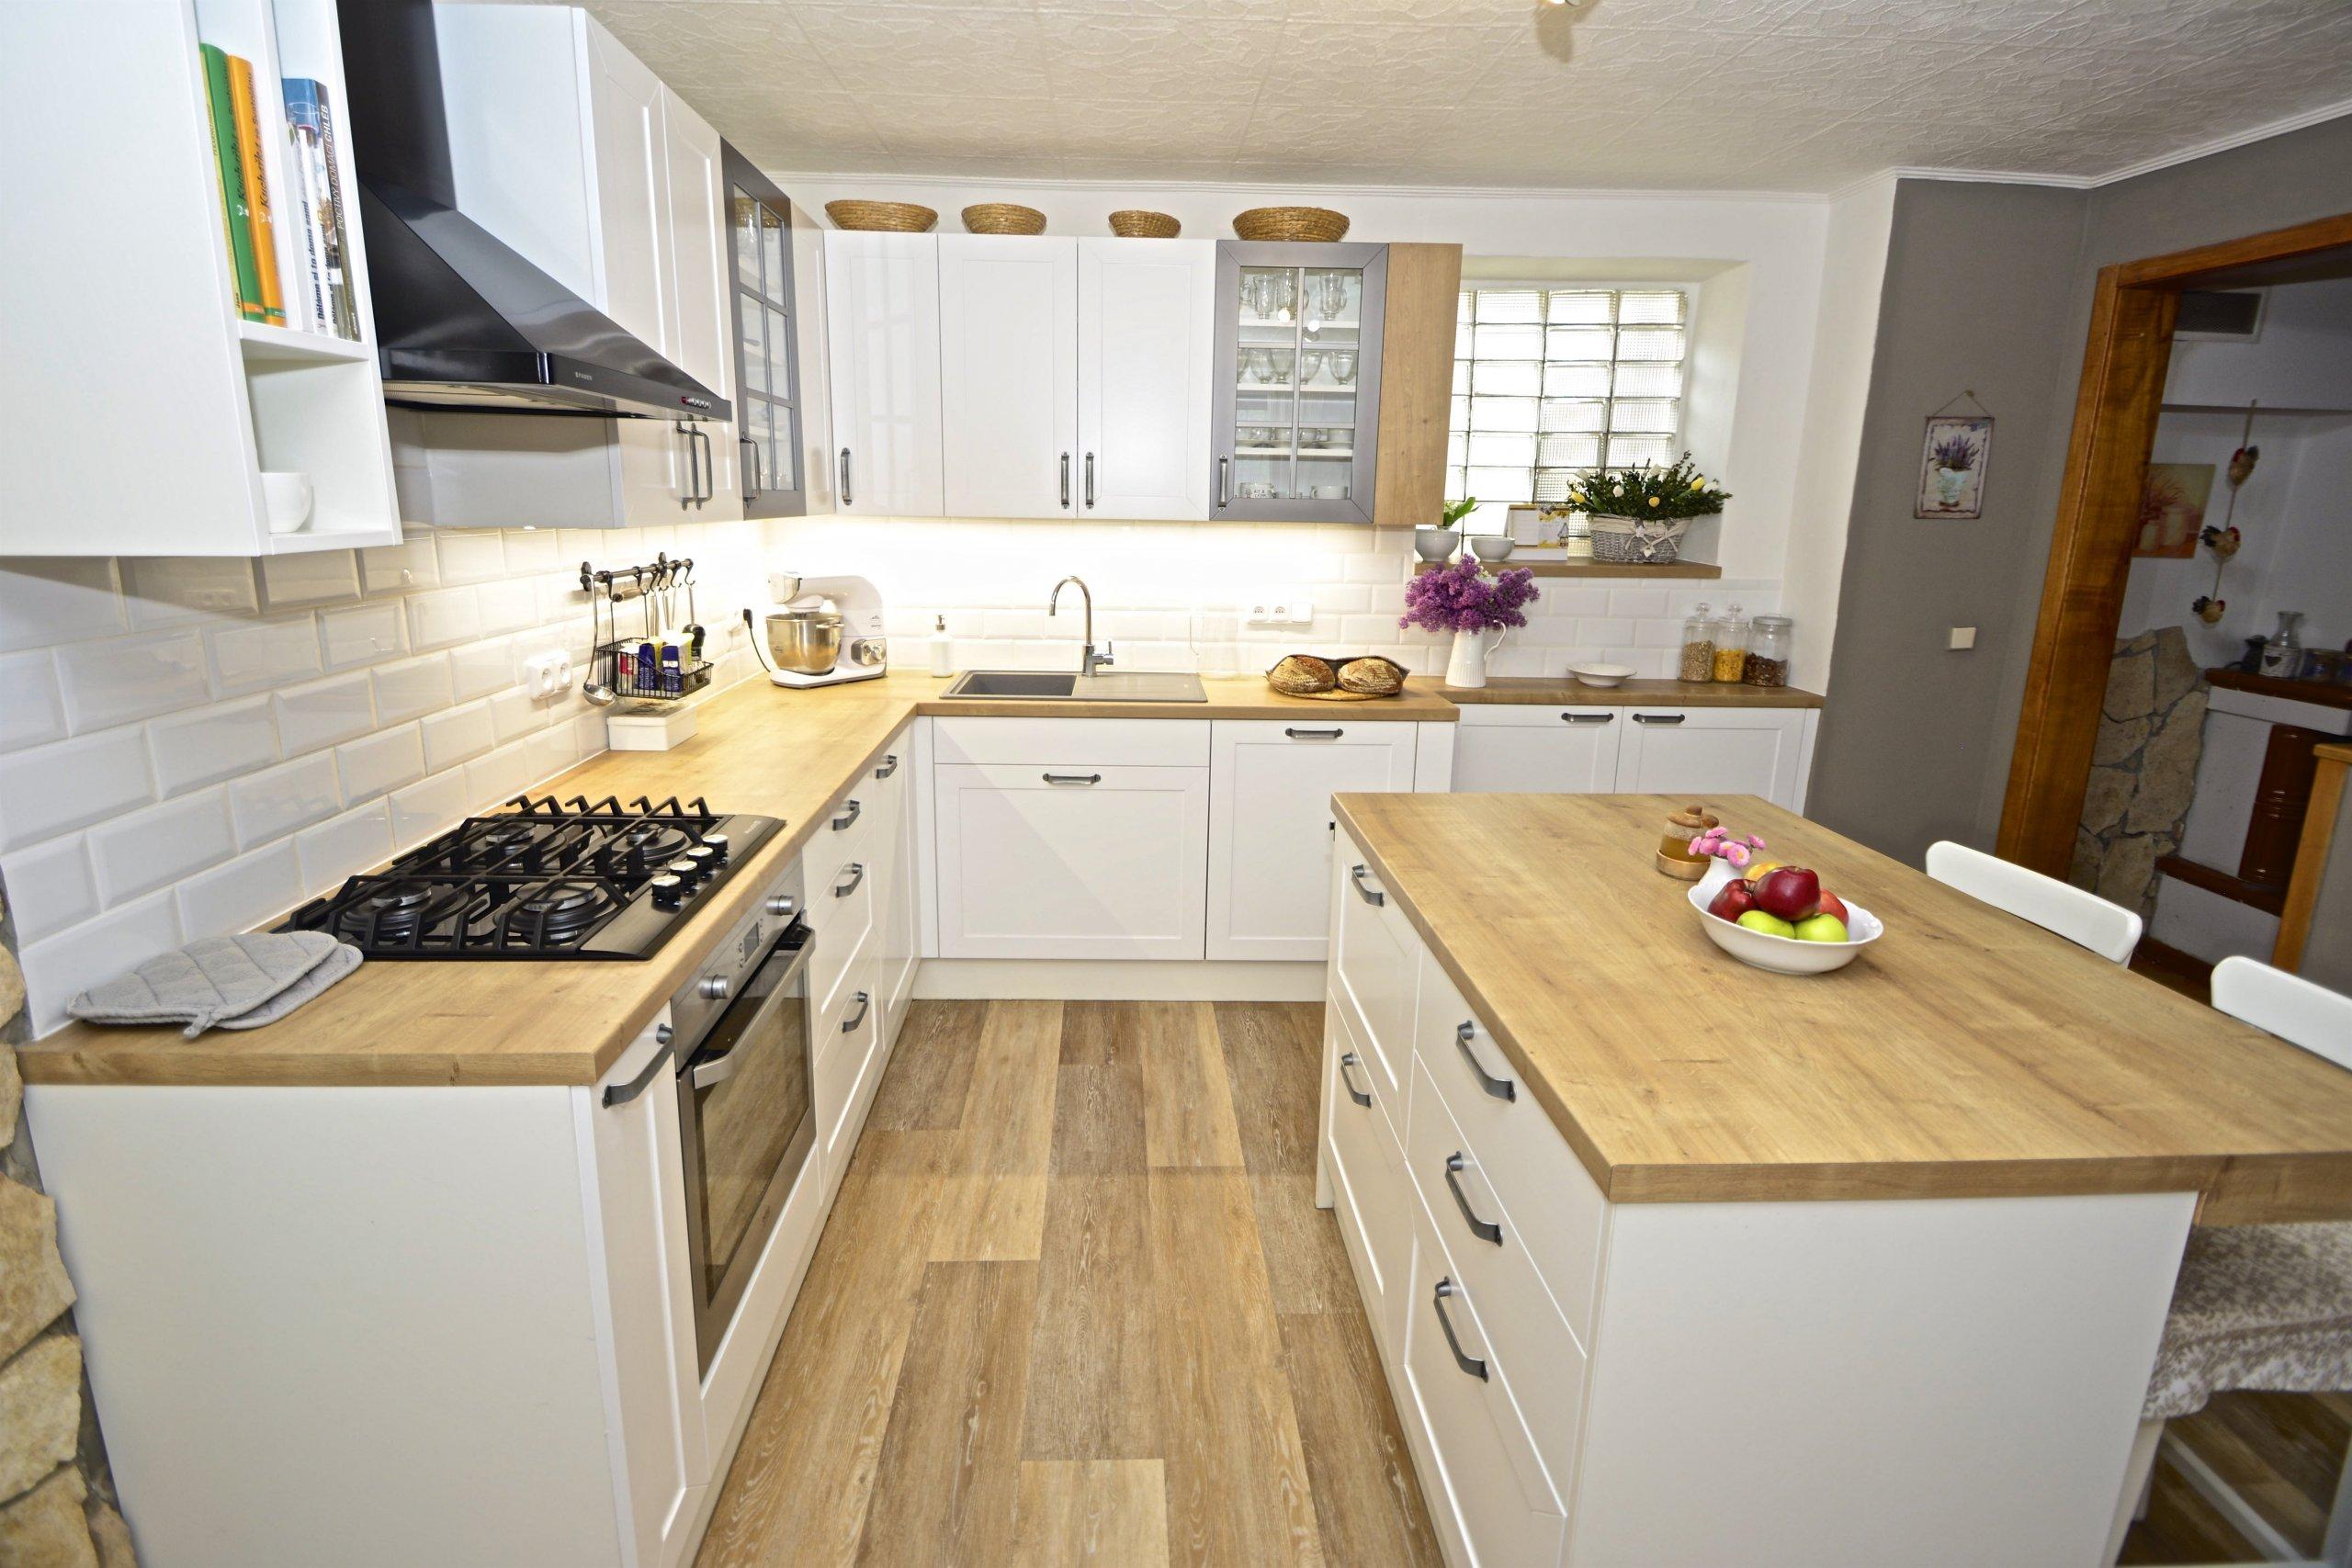 Rozhodli jsme se pro rekonstrukci kuchyně ve starším domě pro zákaznici, která den co den vaří a peče. Zákaznice potřebovala praktickou, prostornou a co…